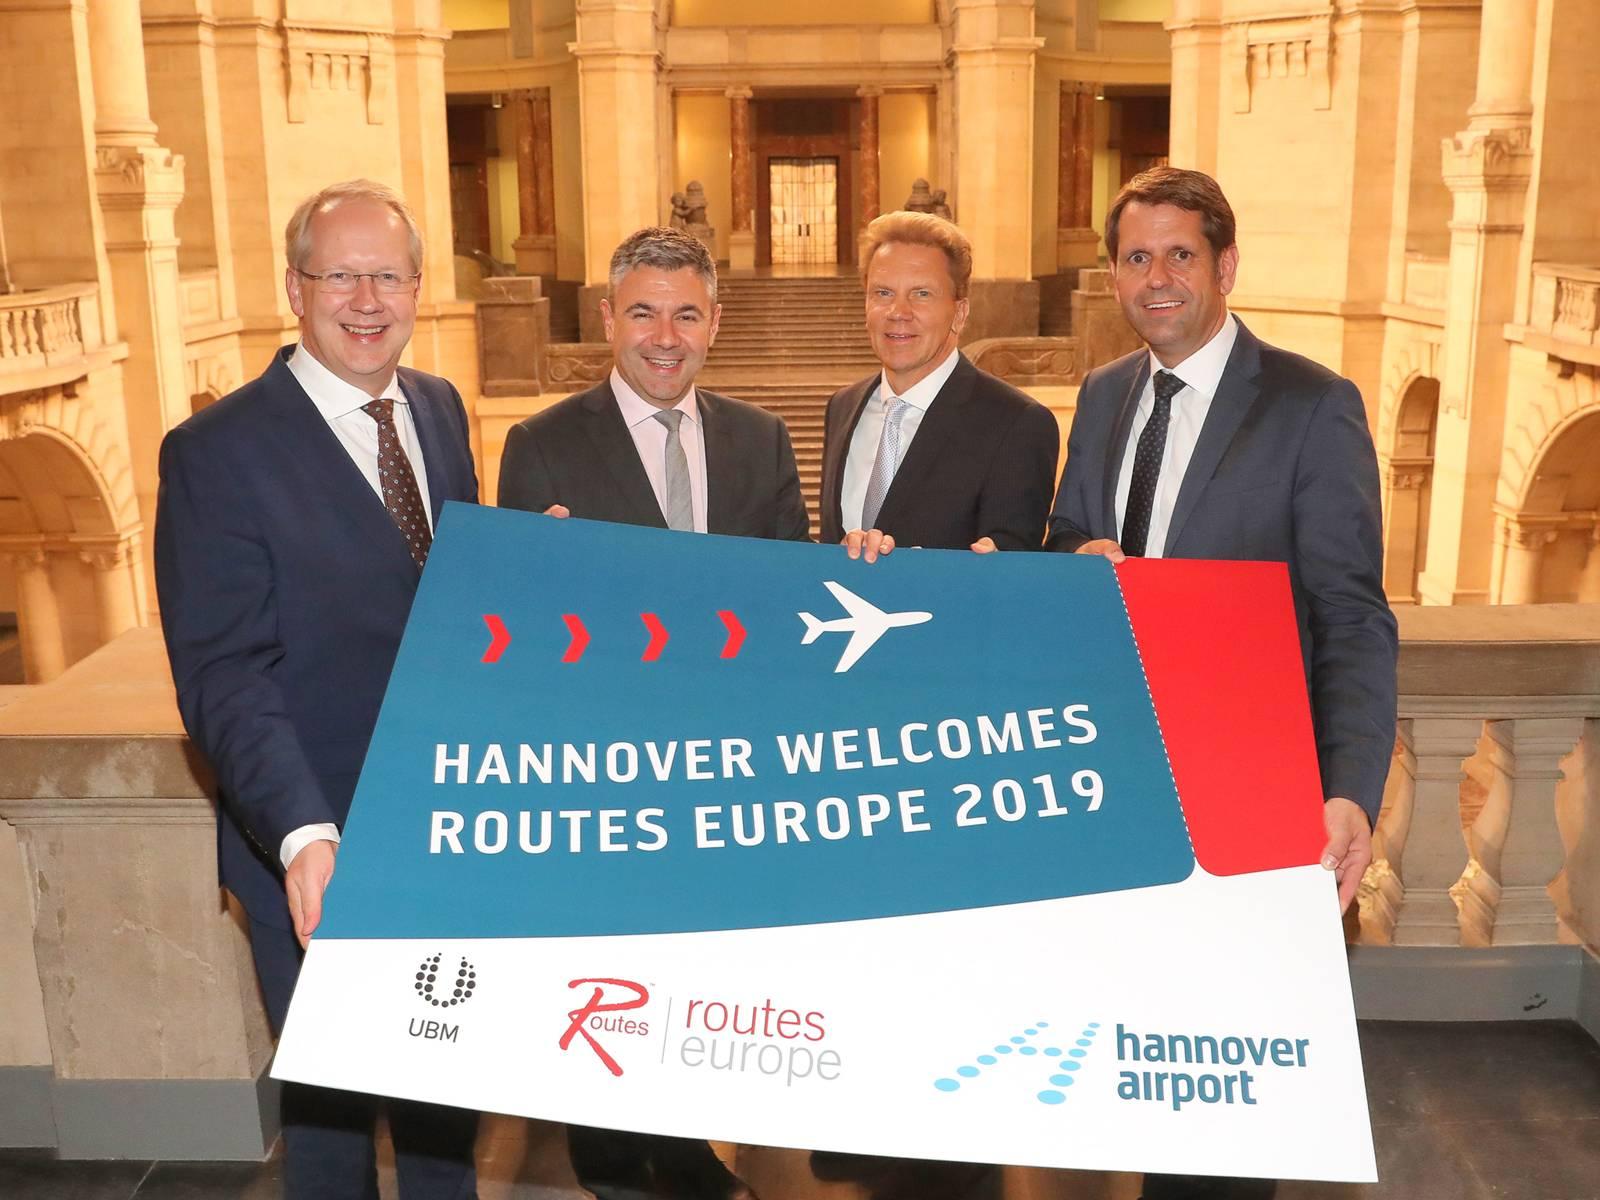 Oberbürgermeister Stefan Schostok, Steven Small (Marketingchef Routes), Dr. Raoul Hille (Geschäftsführer Flughafen GmbH) und Wirtschaftsminister Olaf Lies